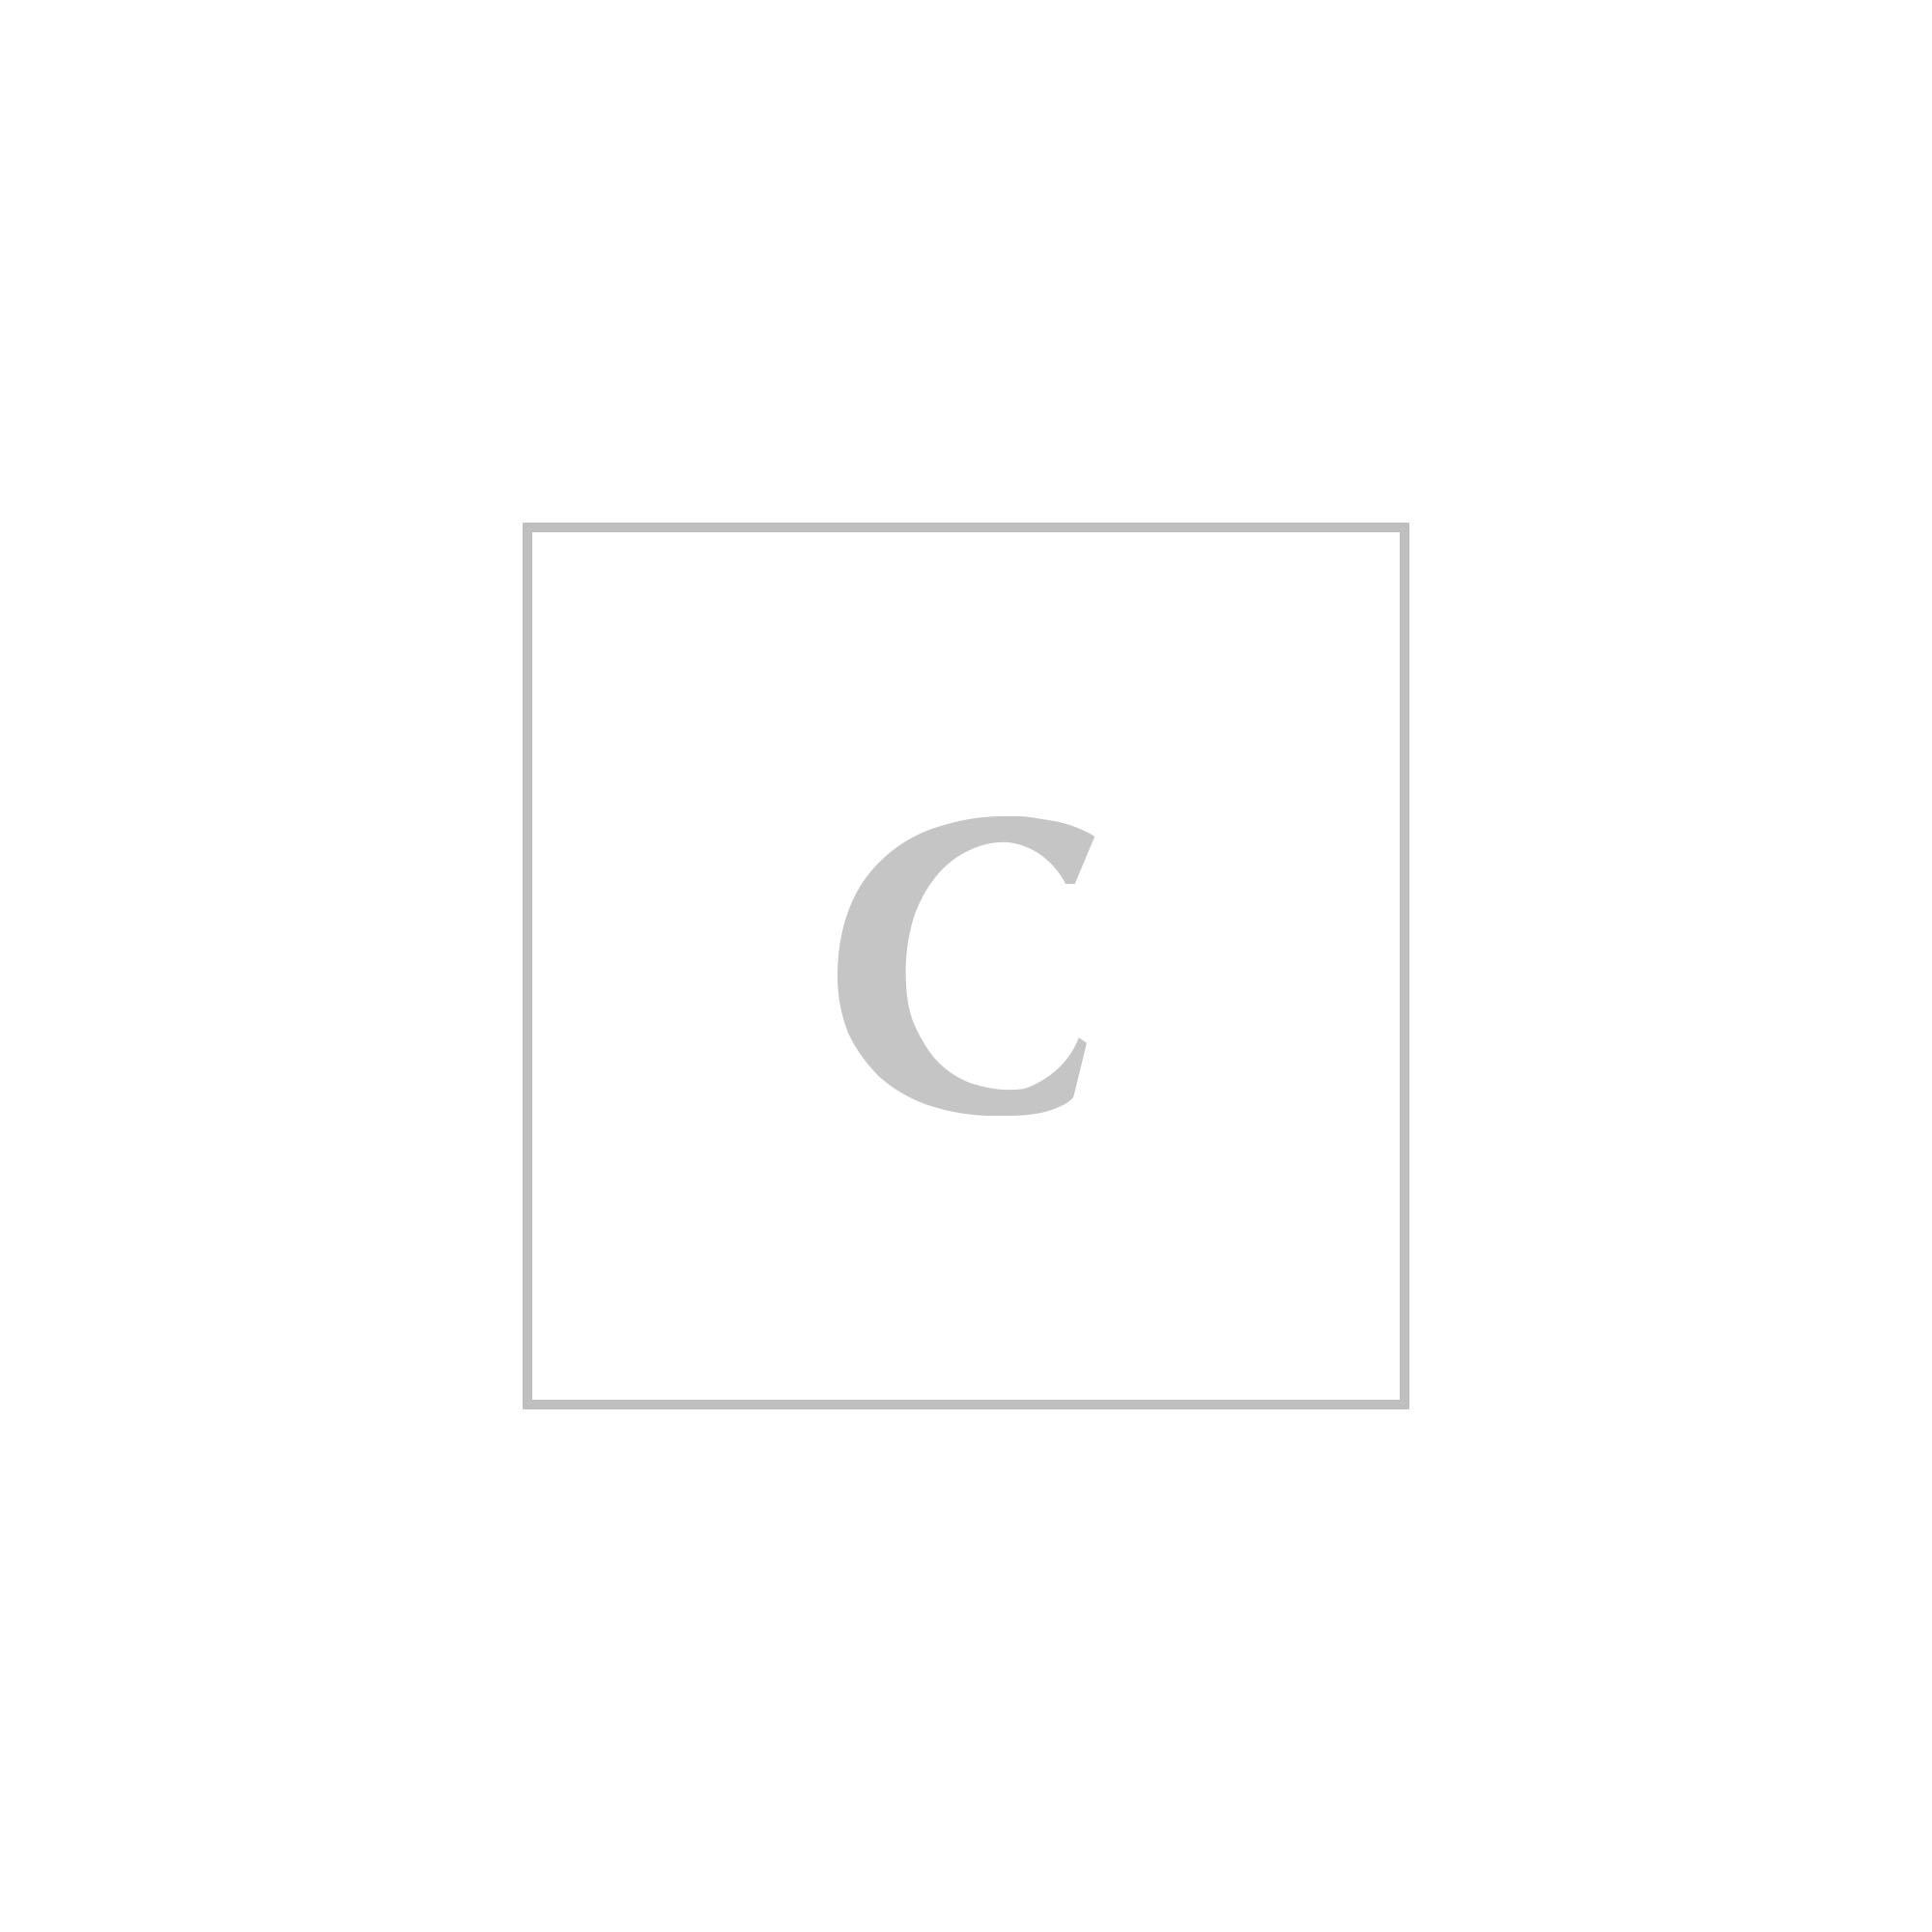 Salvatore ferragamo piccola pelletteria varia nadir 660011 0